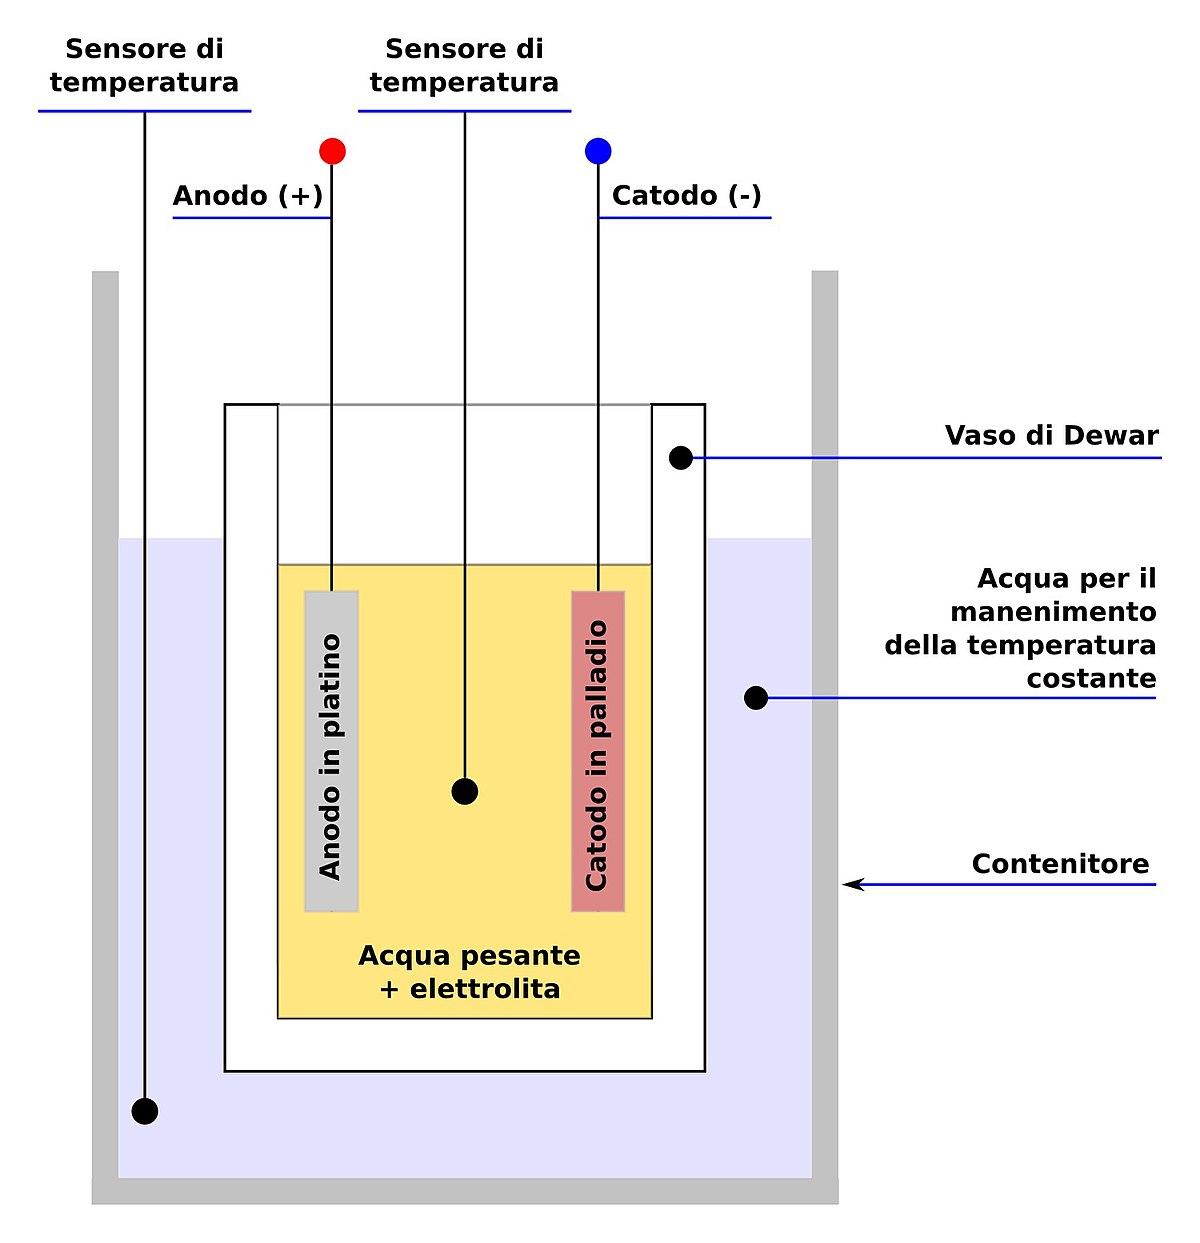 Fleischmann Pons schema reattore 01it.jpg